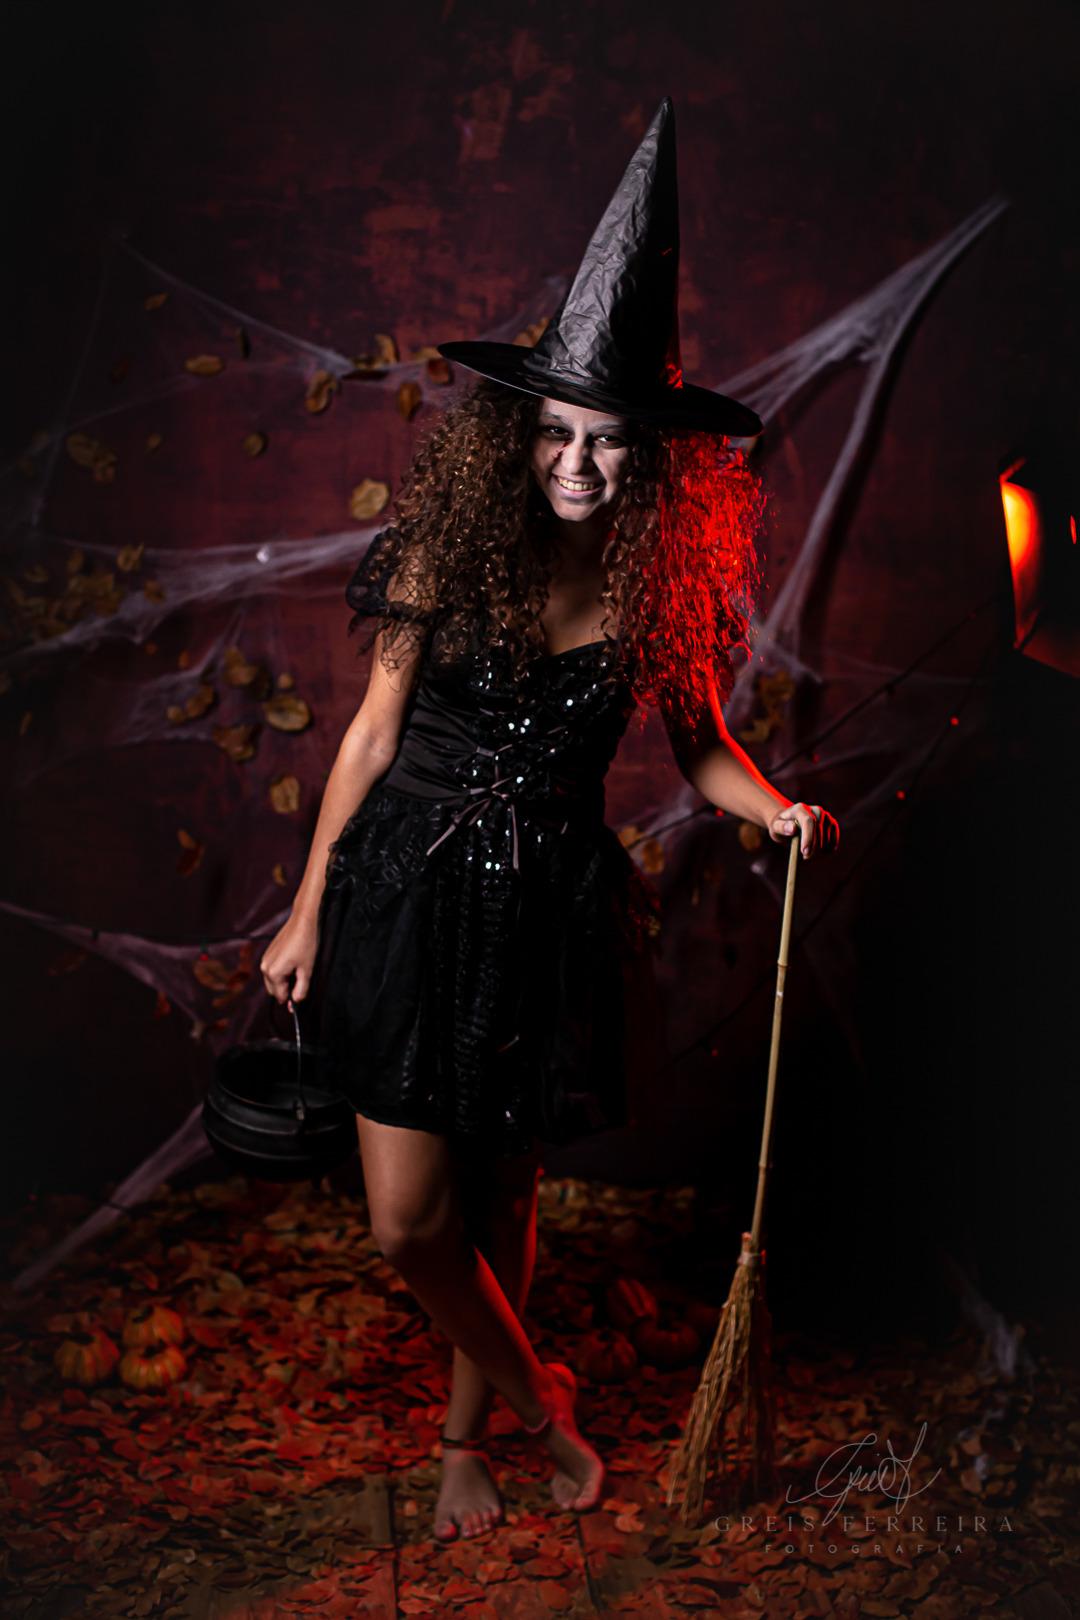 ensaio infantil de halloween bruxa com caldeirao